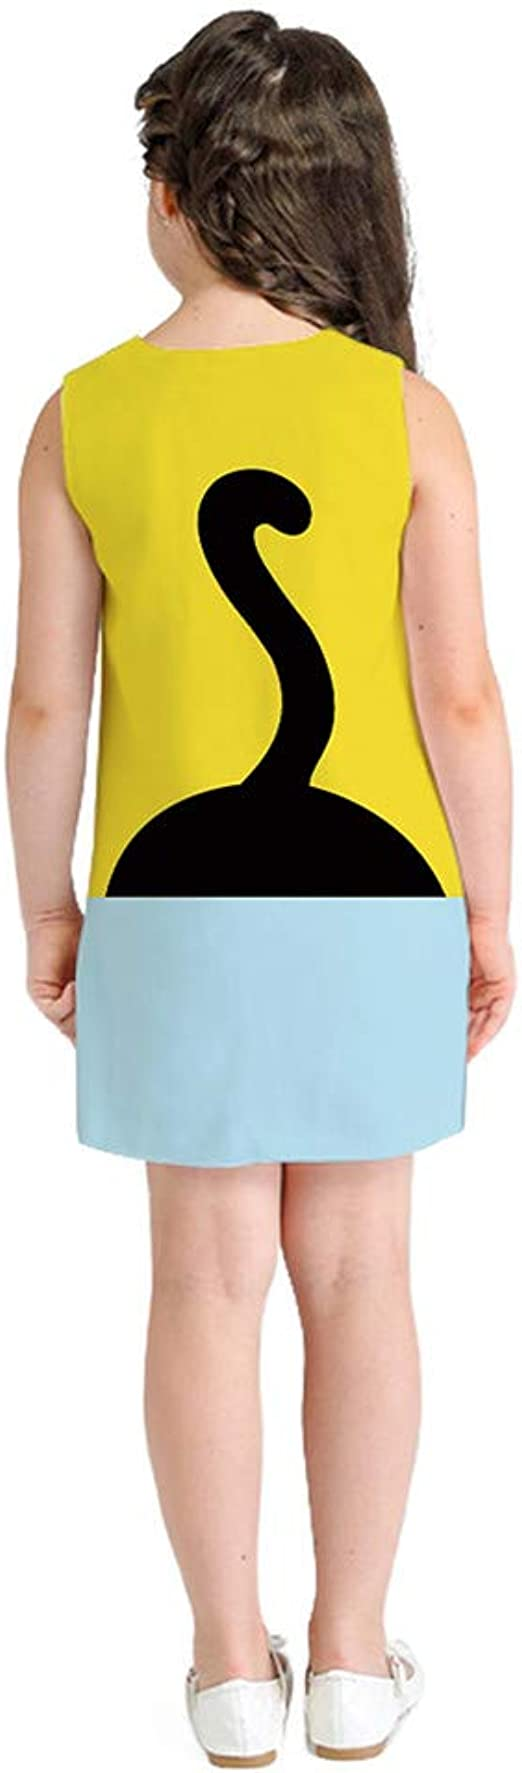 3D Snake Art Print Boys /& Girls Black Short Sleeve Romper Bodysuit Outfits for 0-24 Months